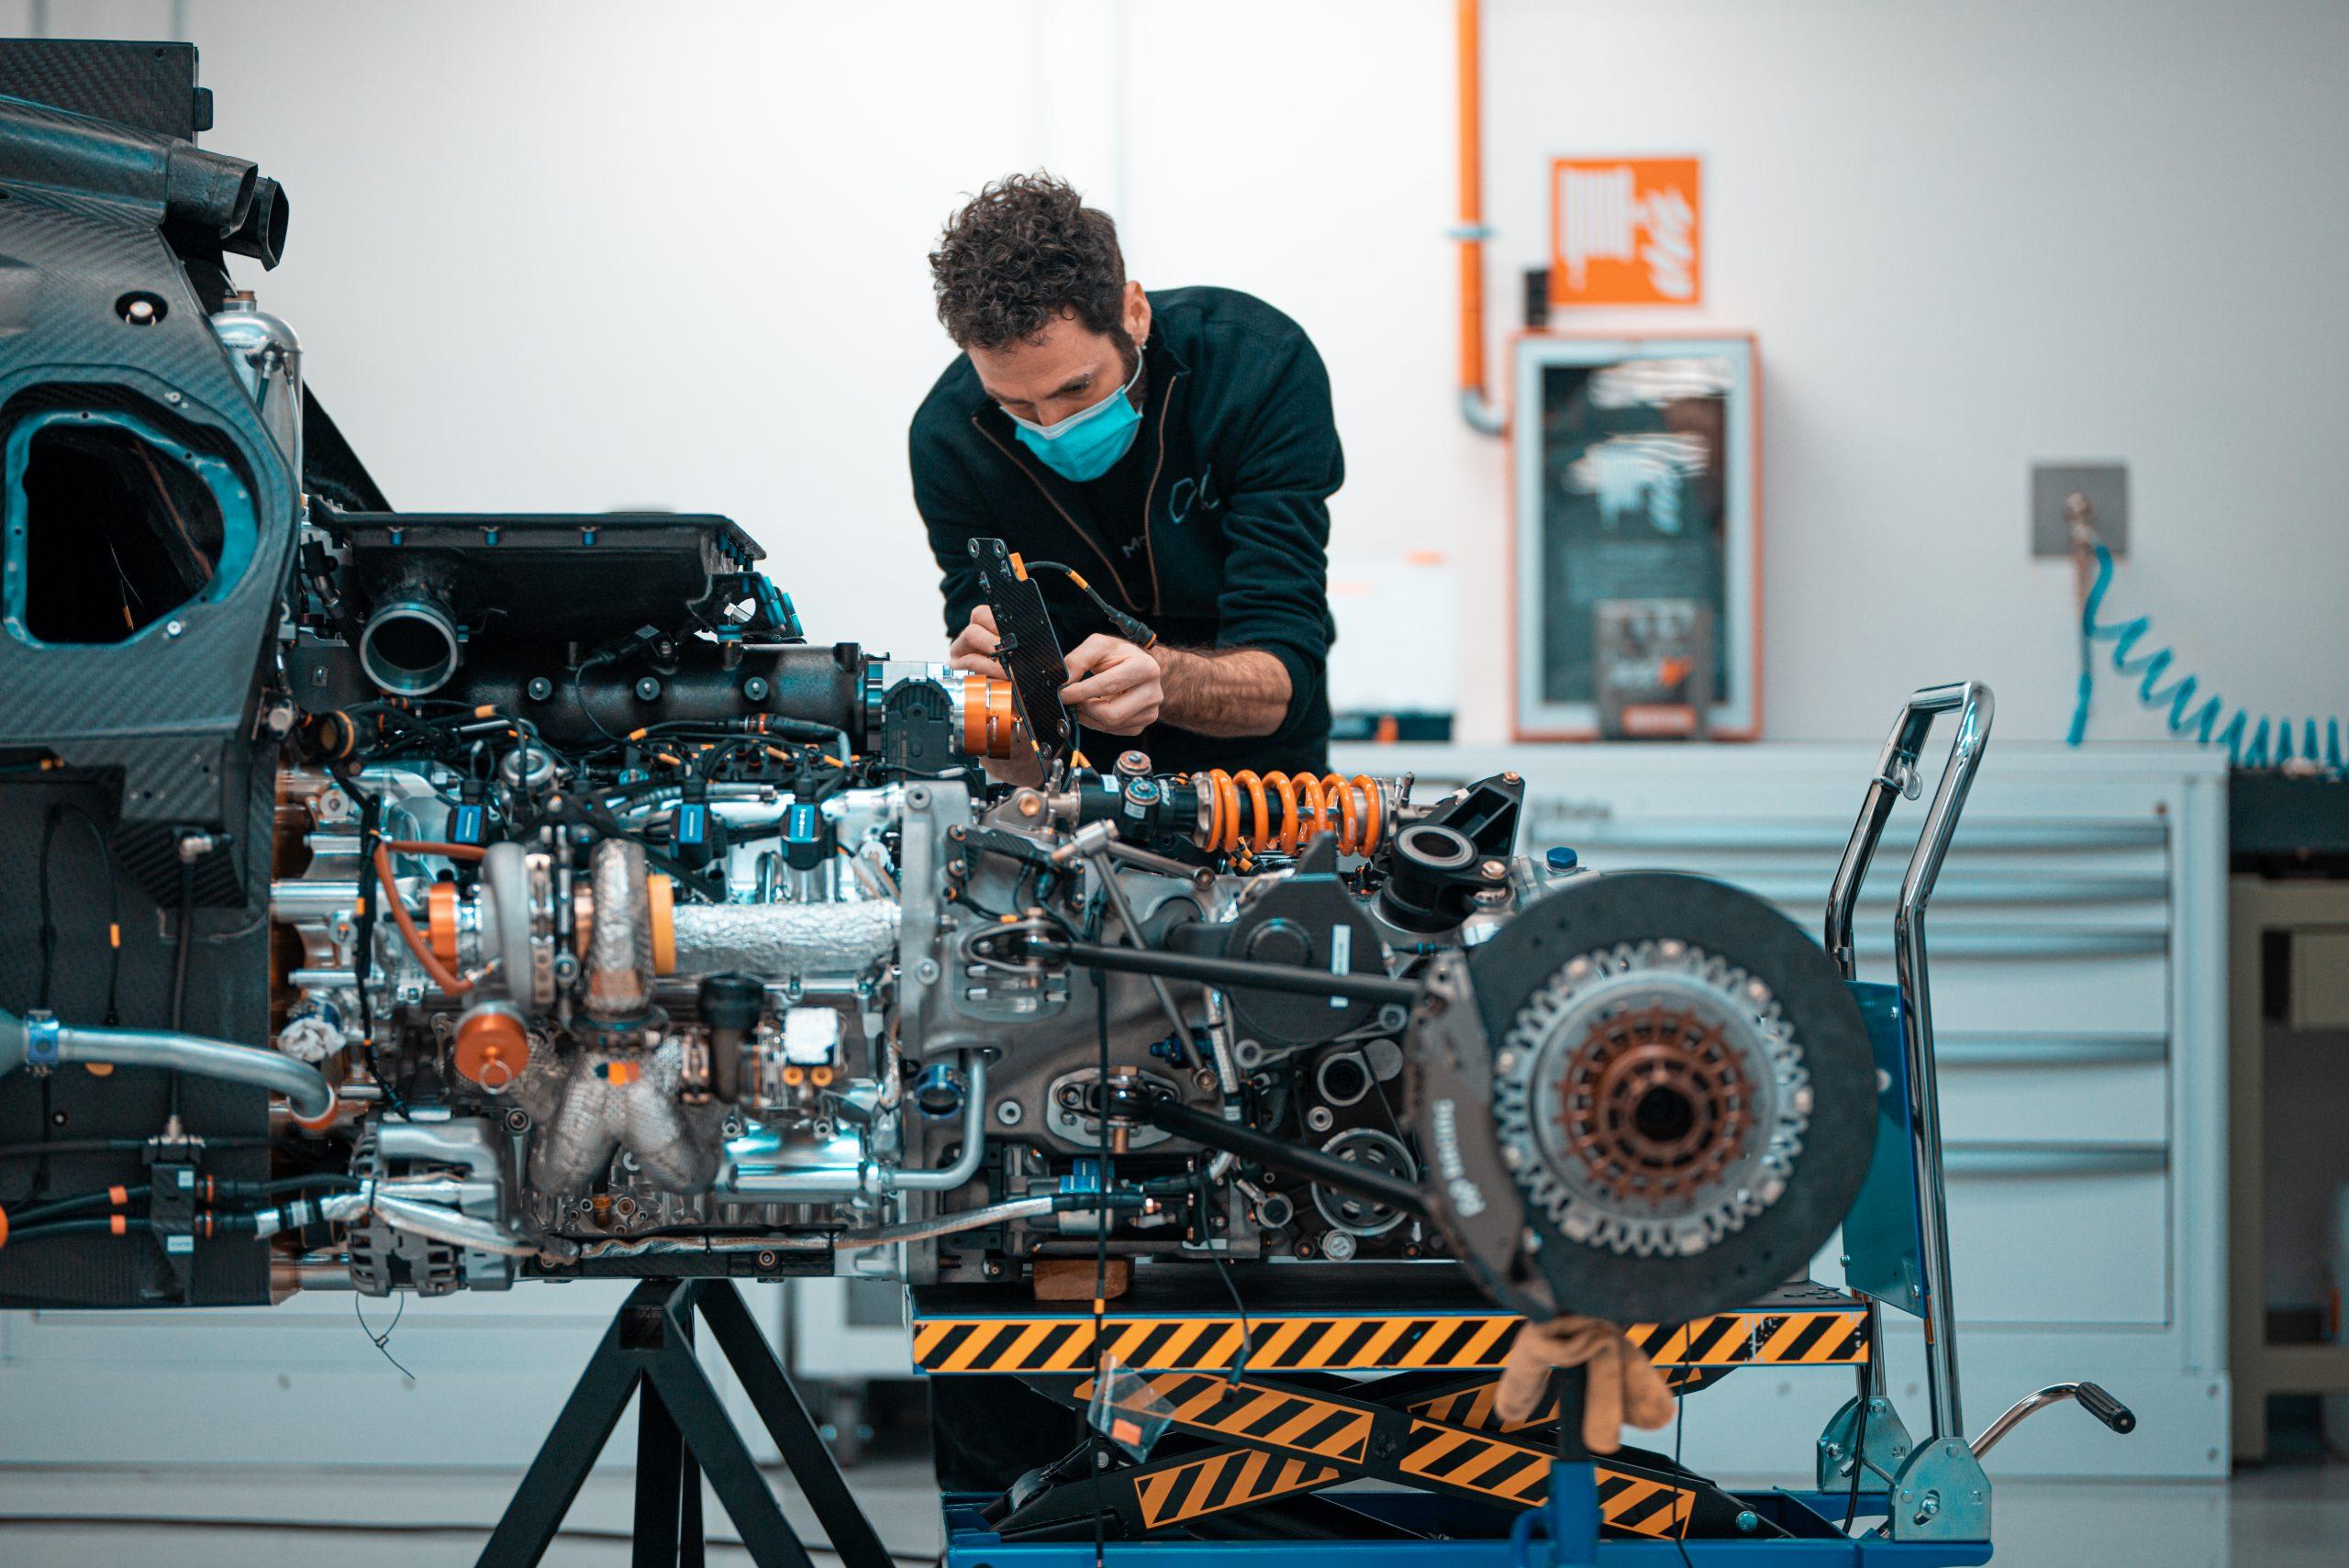 SCG Scuderia Cameron Glickenhaus 007 Hypercar LMH engine build